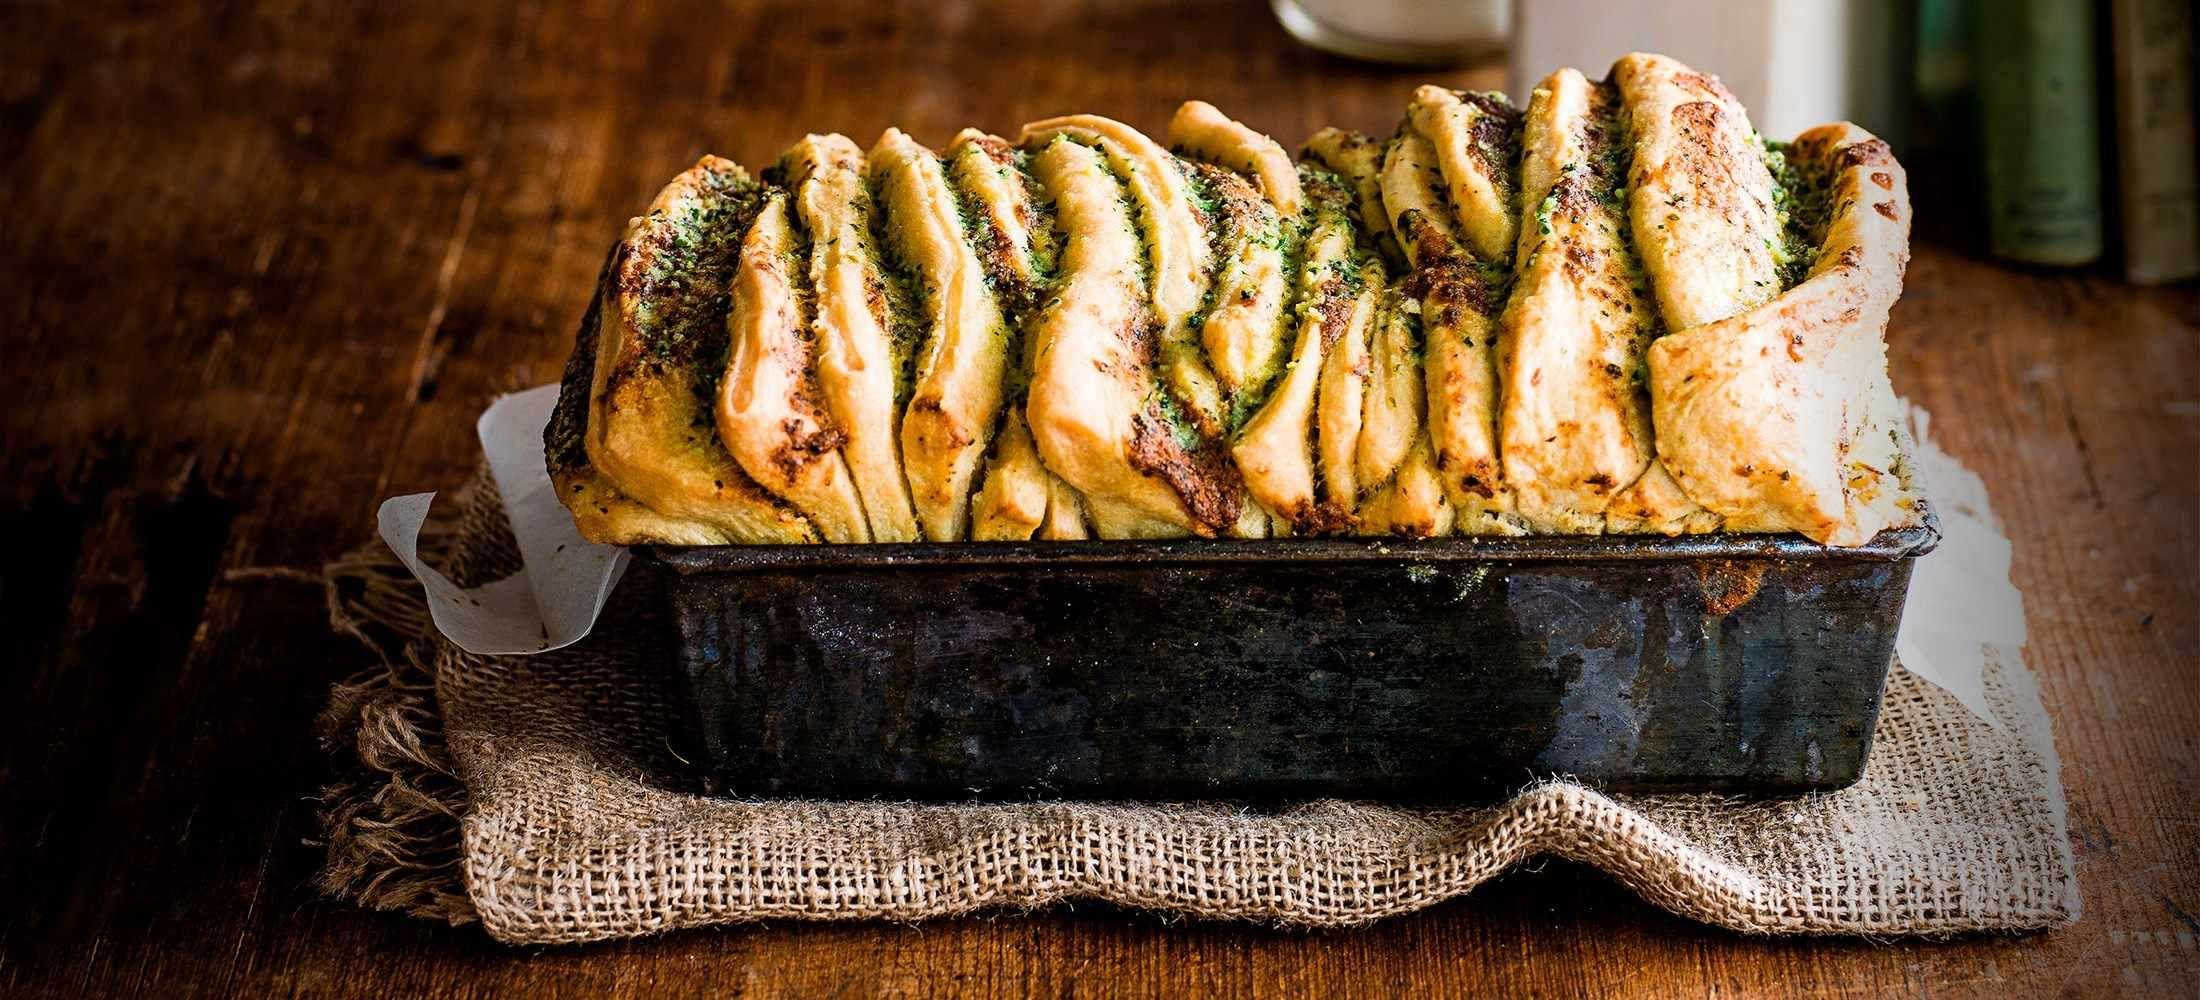 Tear-and-share garlic bread